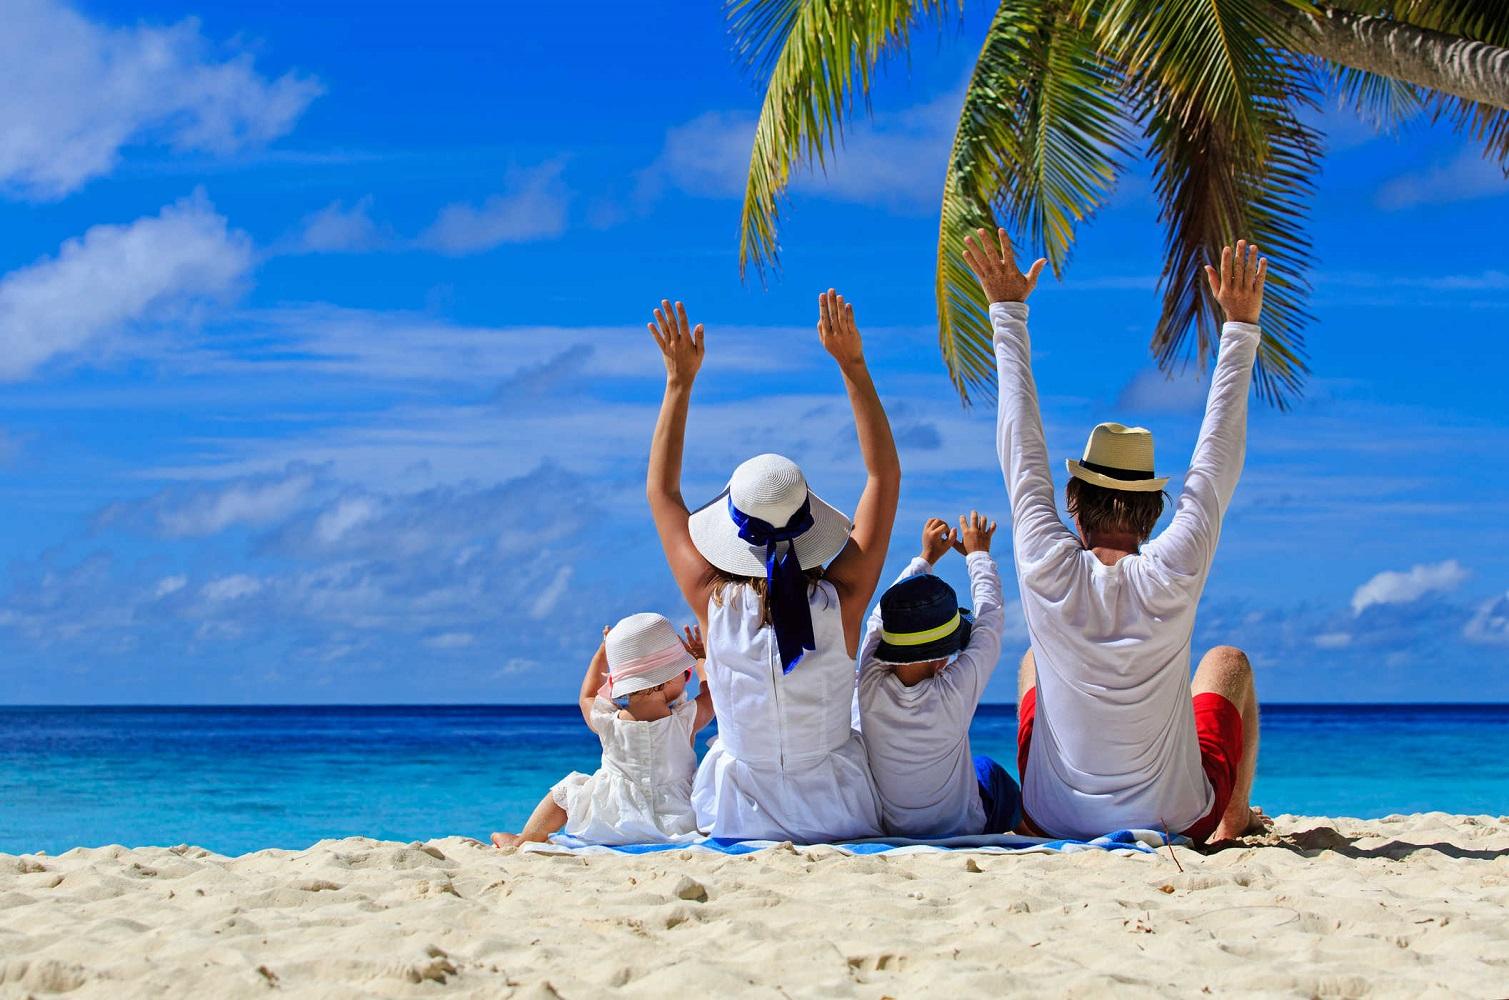 Thời gian thích hợp du lịch Quy Nhơn có trẻ nhỏ